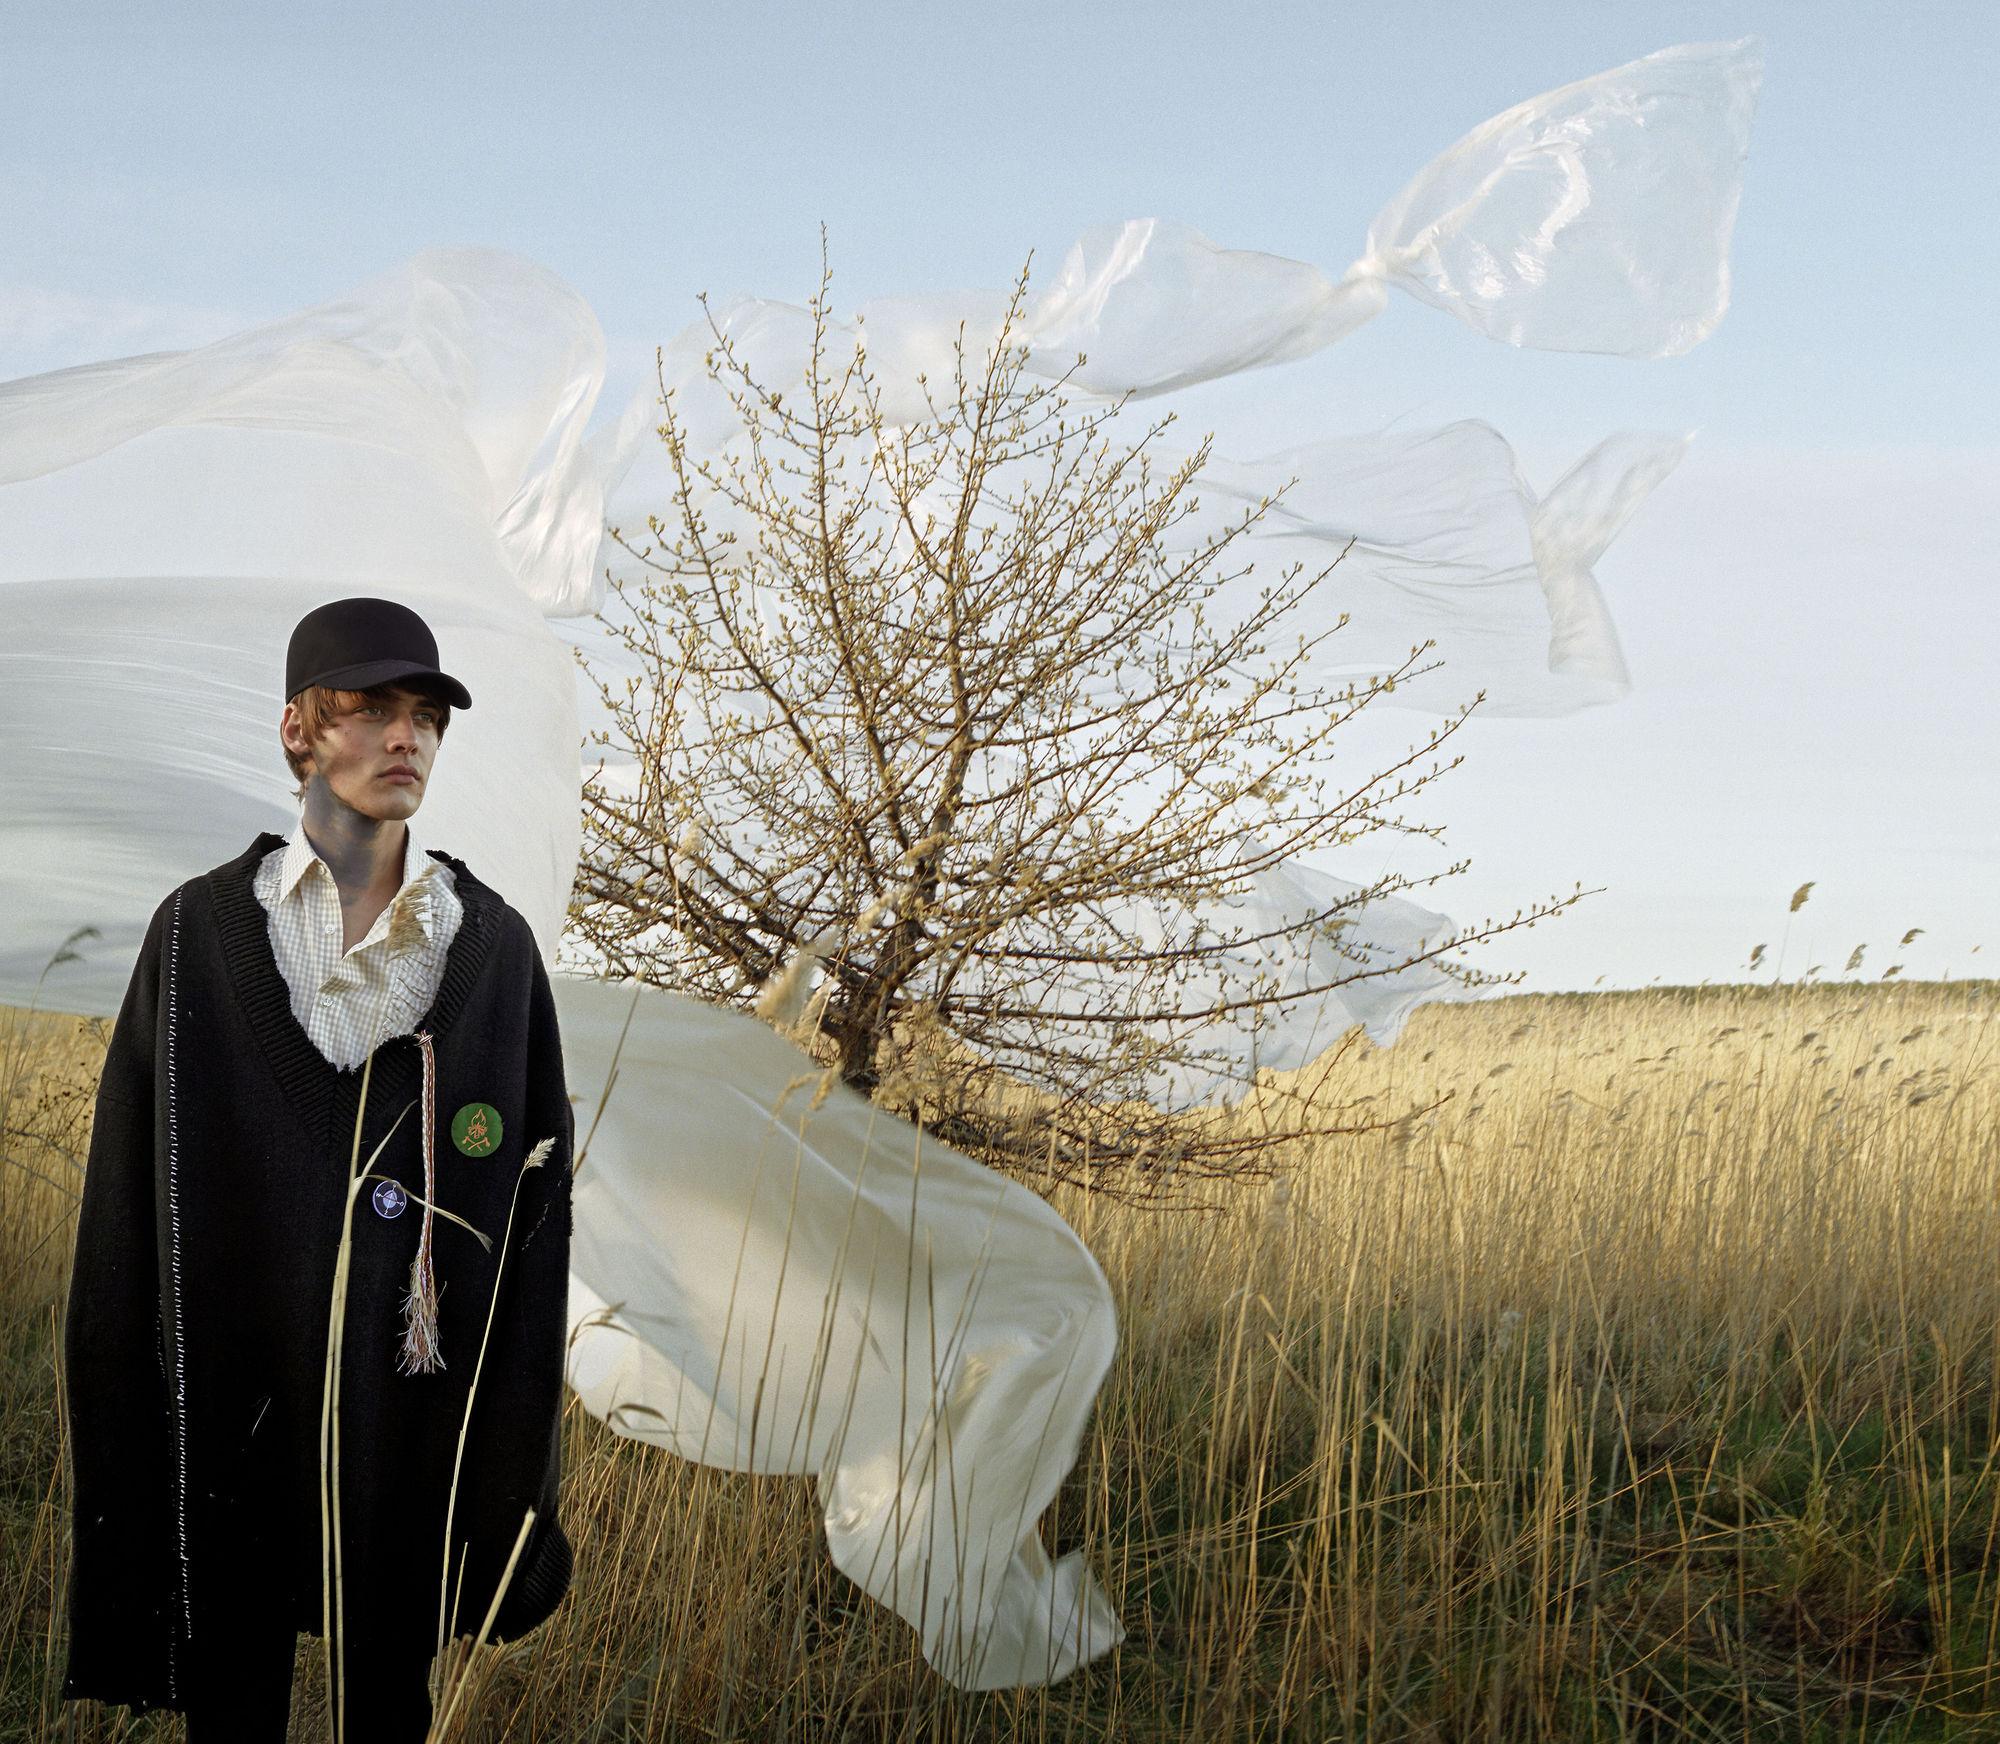 ANGST ESSEN SEELE AUF-Best Fashion/MEN'S HEALTH